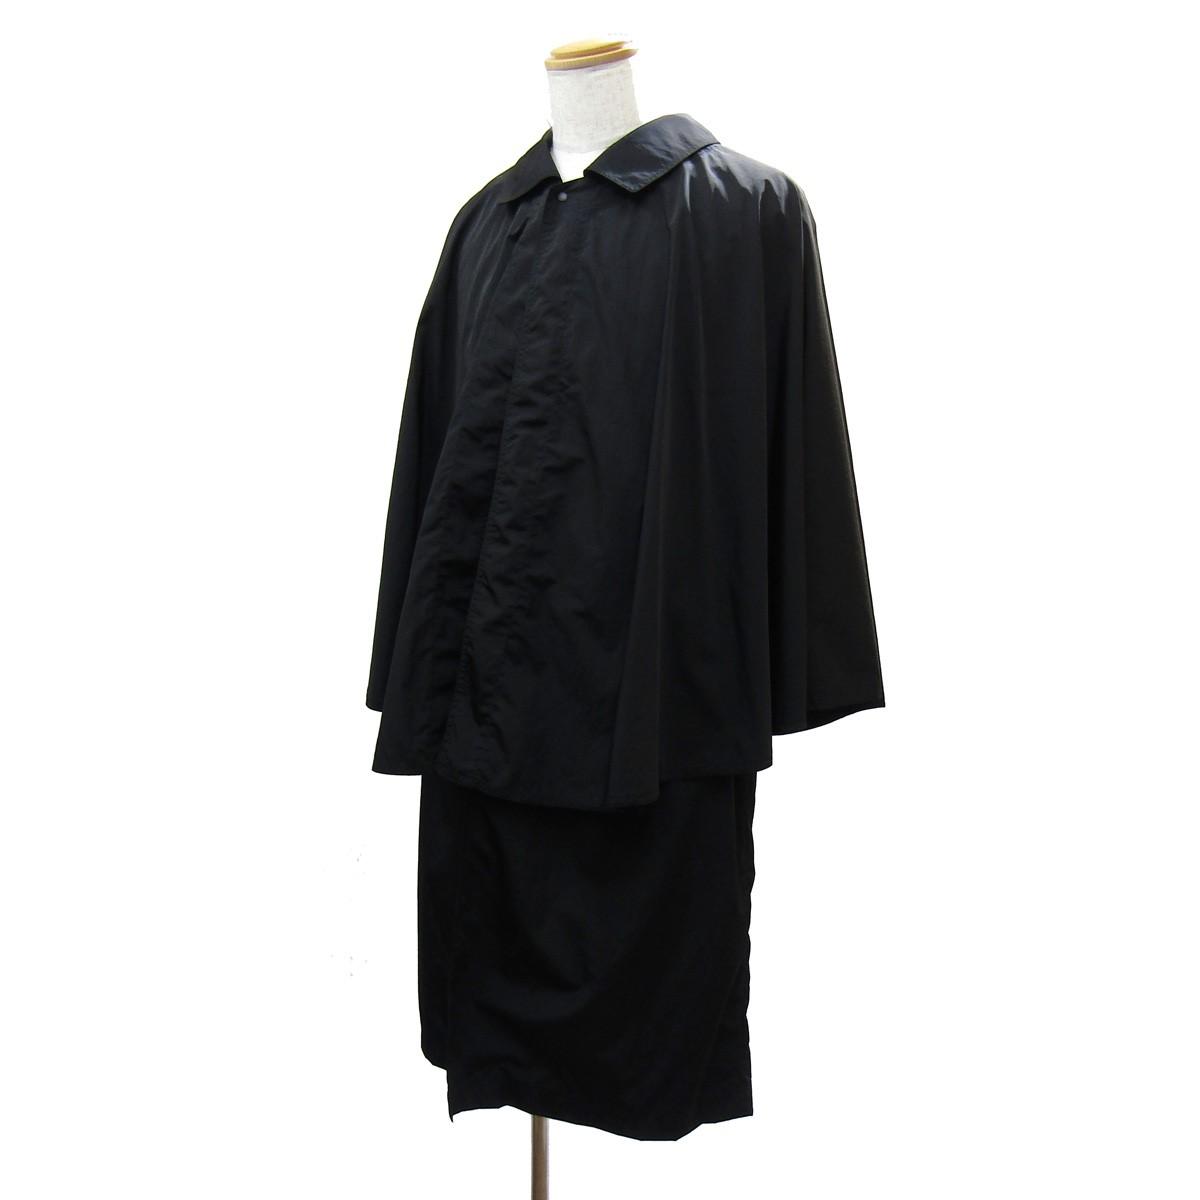 【中古】SASQUATCHfabrix. 2020SS NYLON TONBI COAT/ナイロントンビコート ブラック サイズ:L 【170420】(サスクワァッチファブリックス.)